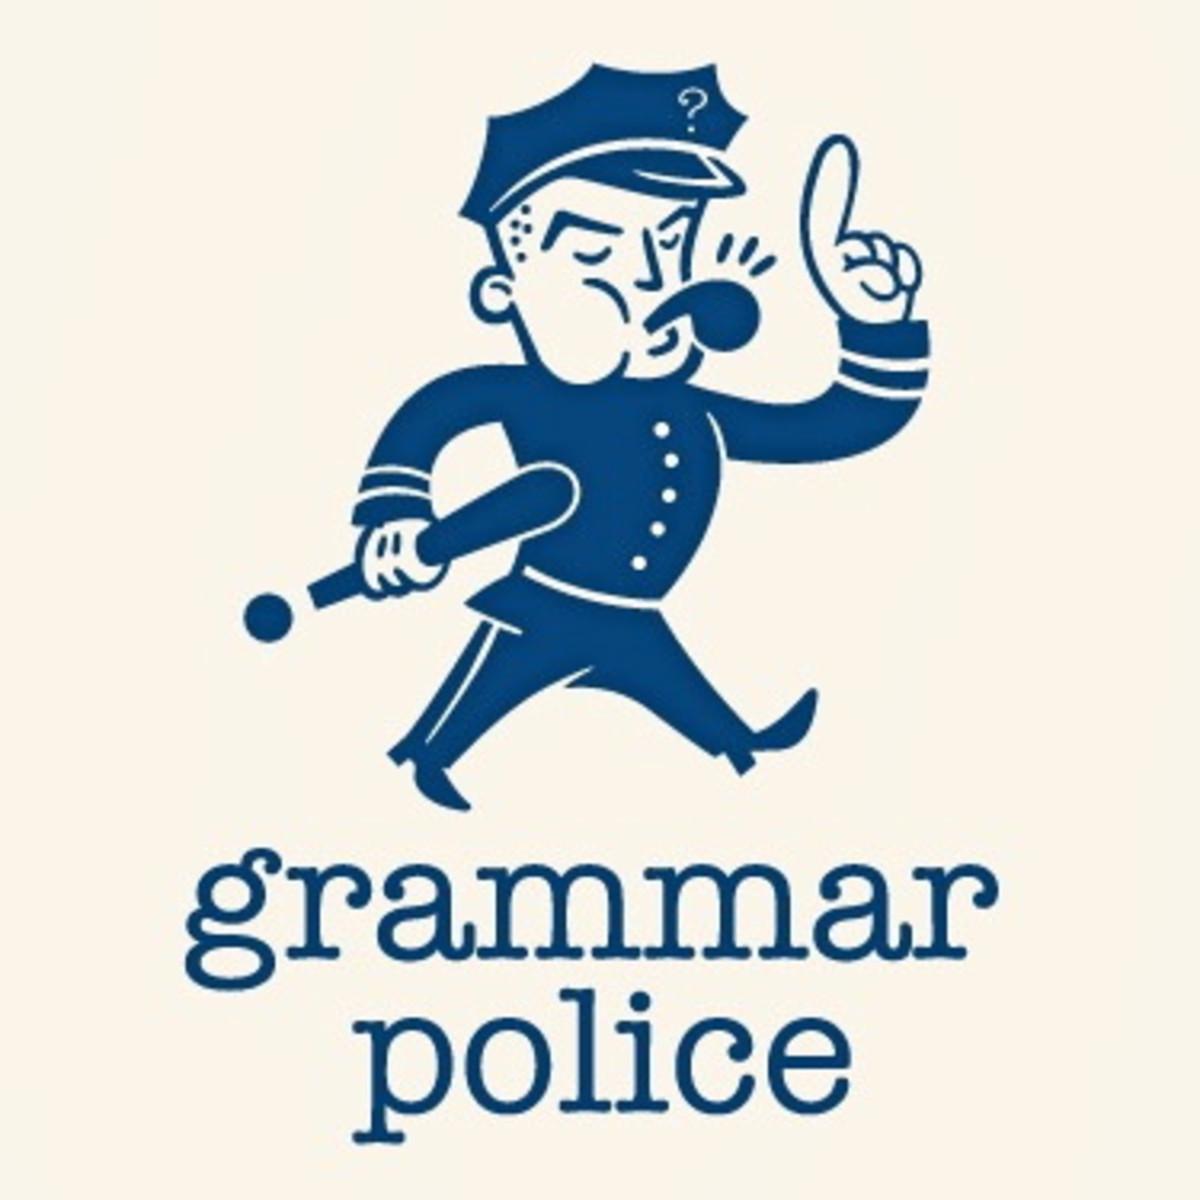 Why Grammar? or, Granma, Why Grammar?